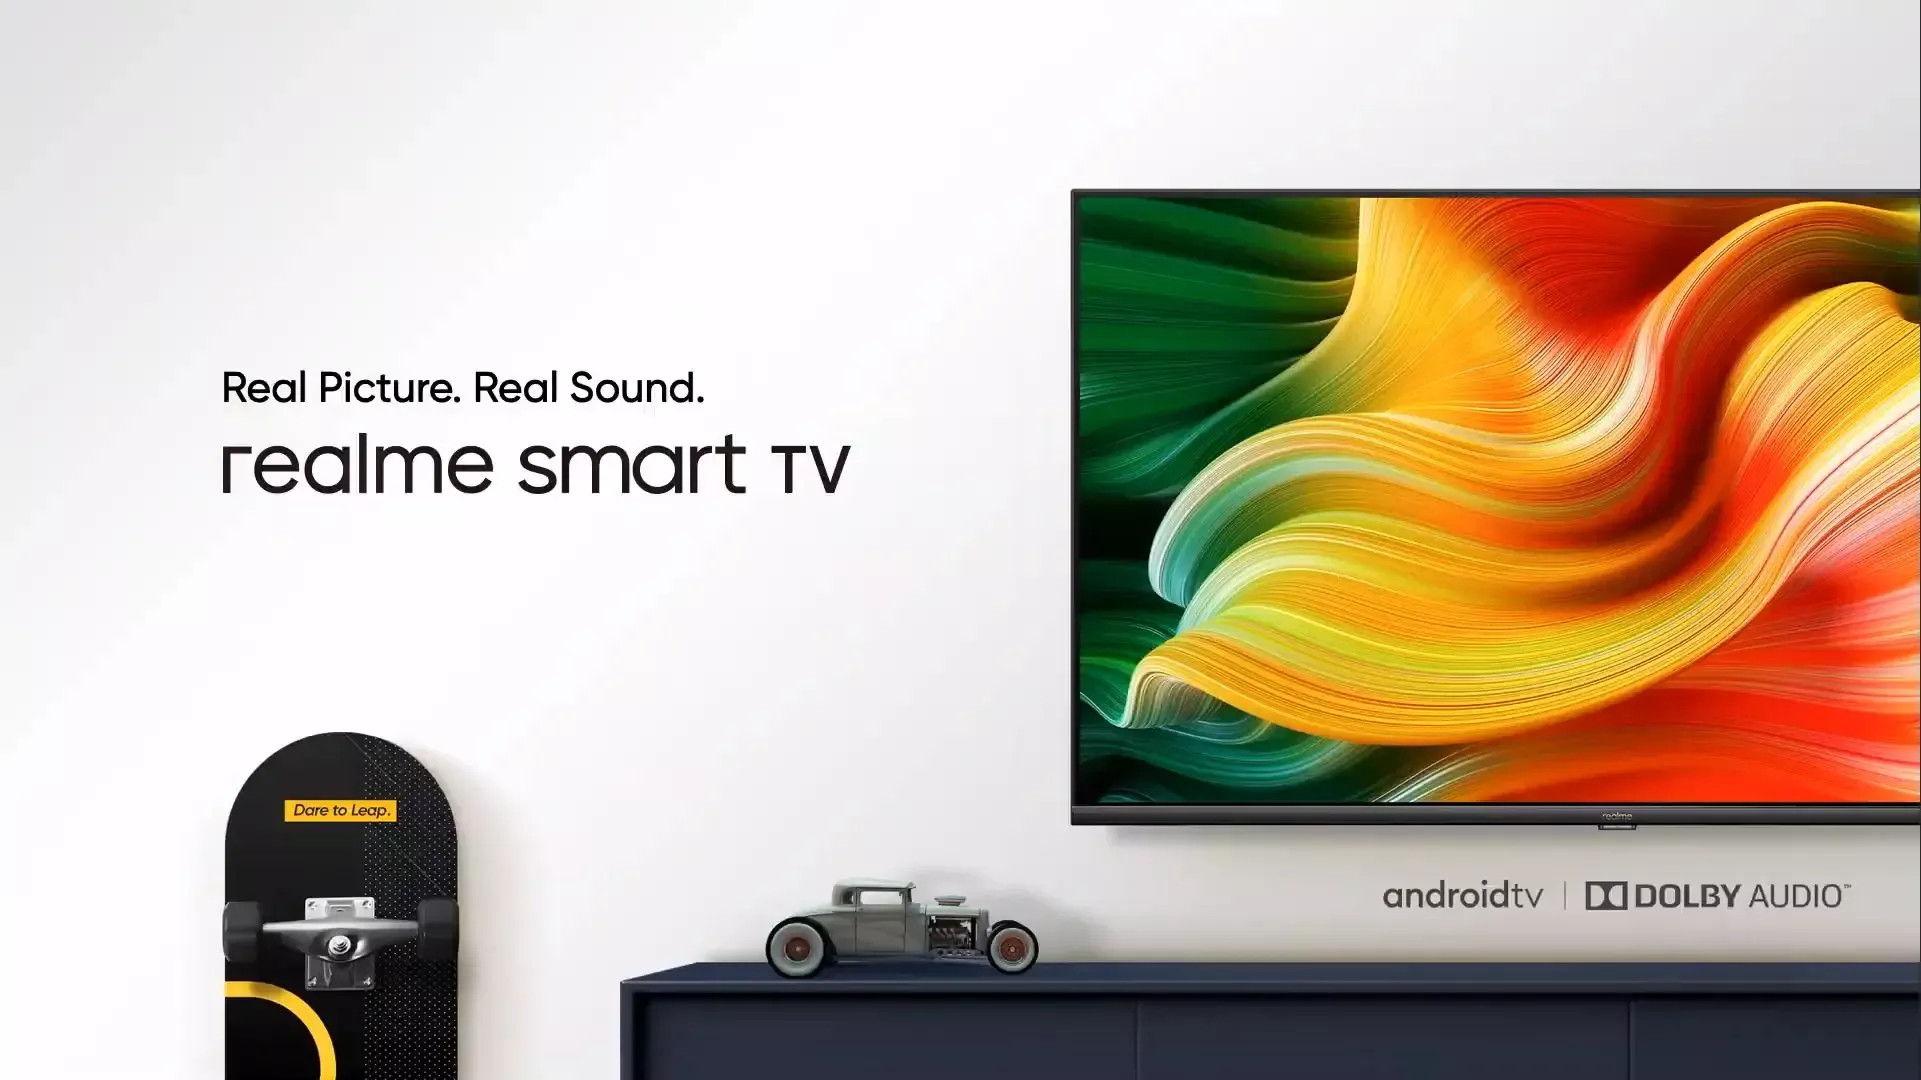 Rrealme Smart TV özellikleri,realme Smart TV fiyatı